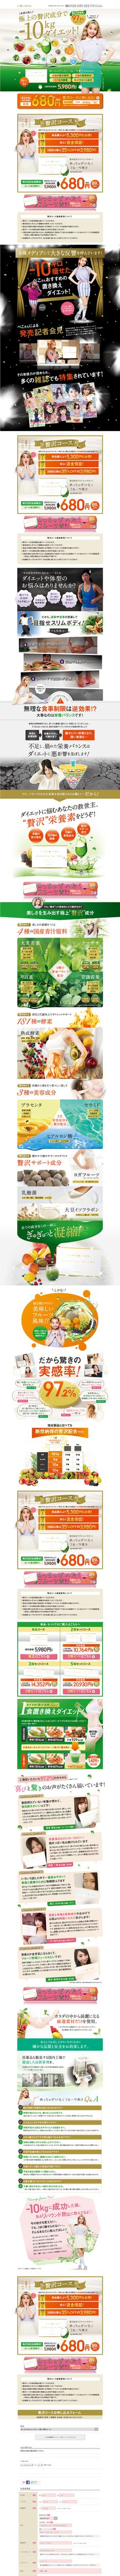 めっちゃぜいたくフルーツ青汁【健康・美容食品関連】のLPデザイン。WEBデザイナーさん必見!ランディングページのデザイン参考に(かわいい系)